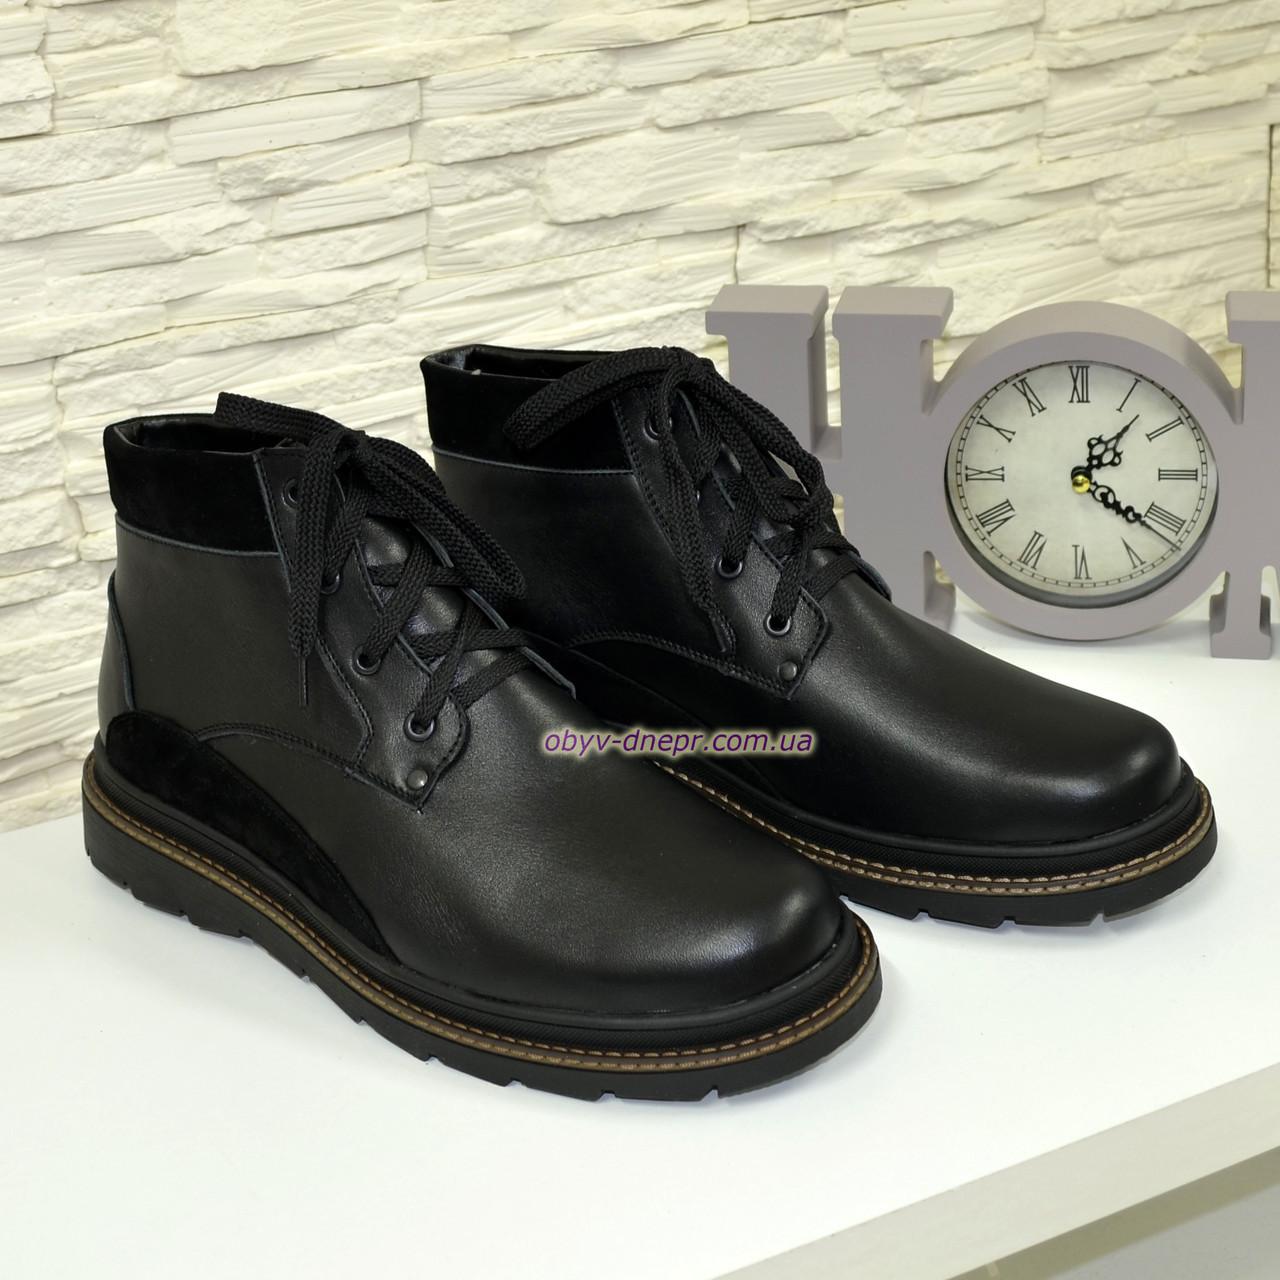 Ботинки мужские черного цвета на шнуровке, натуральная кожа и замш